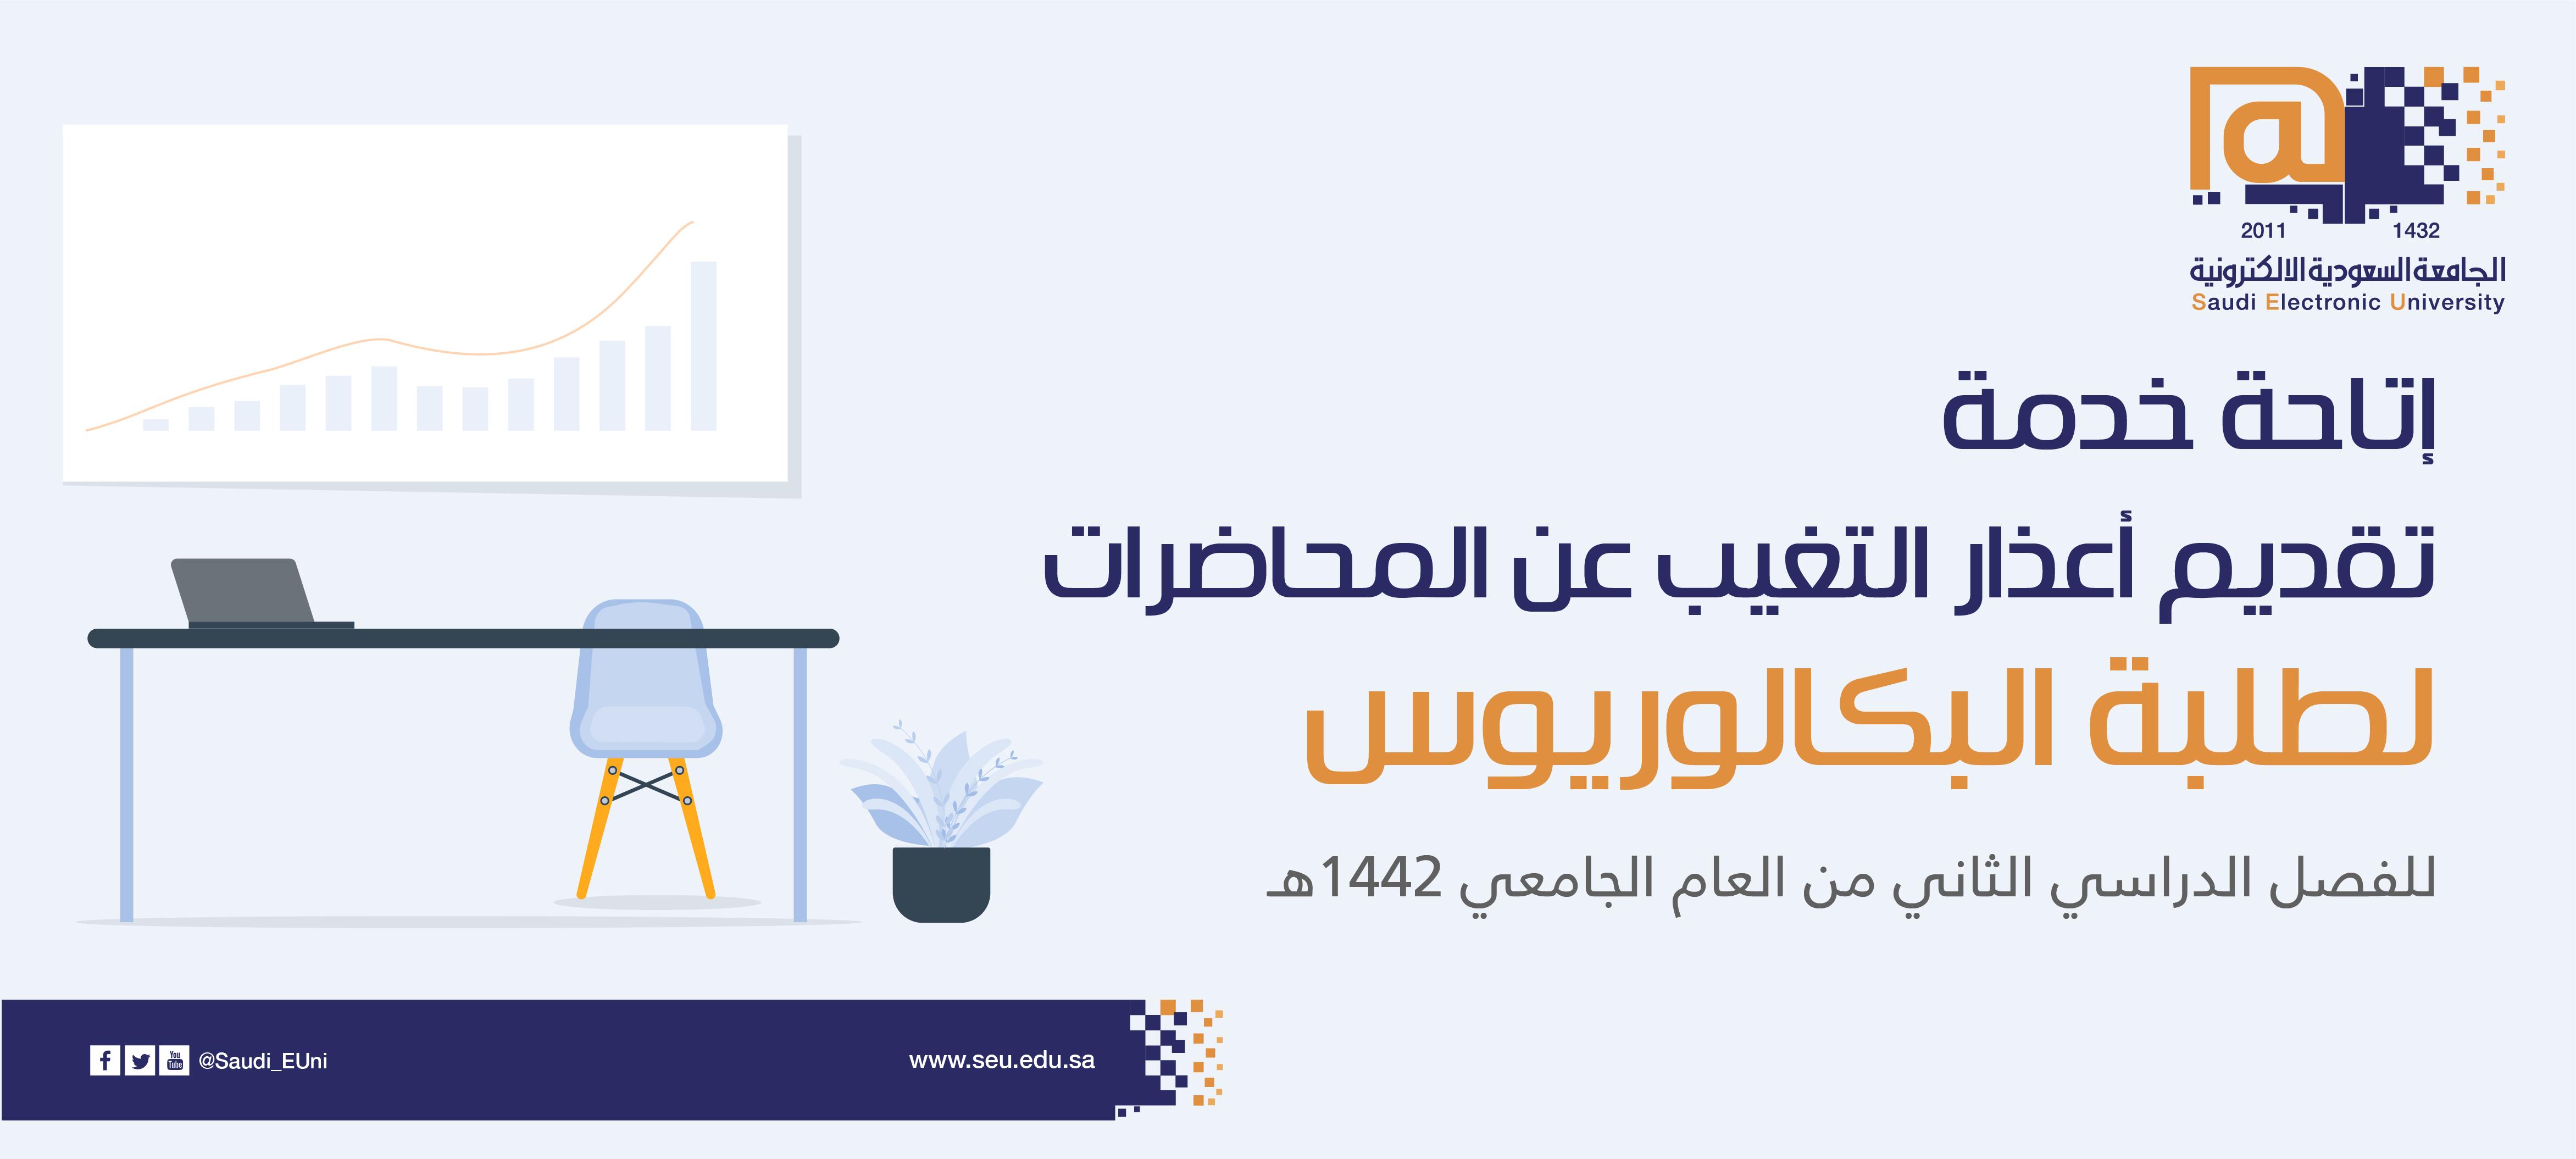 الجامعة السعودية الالكترونية جدة تخصصات